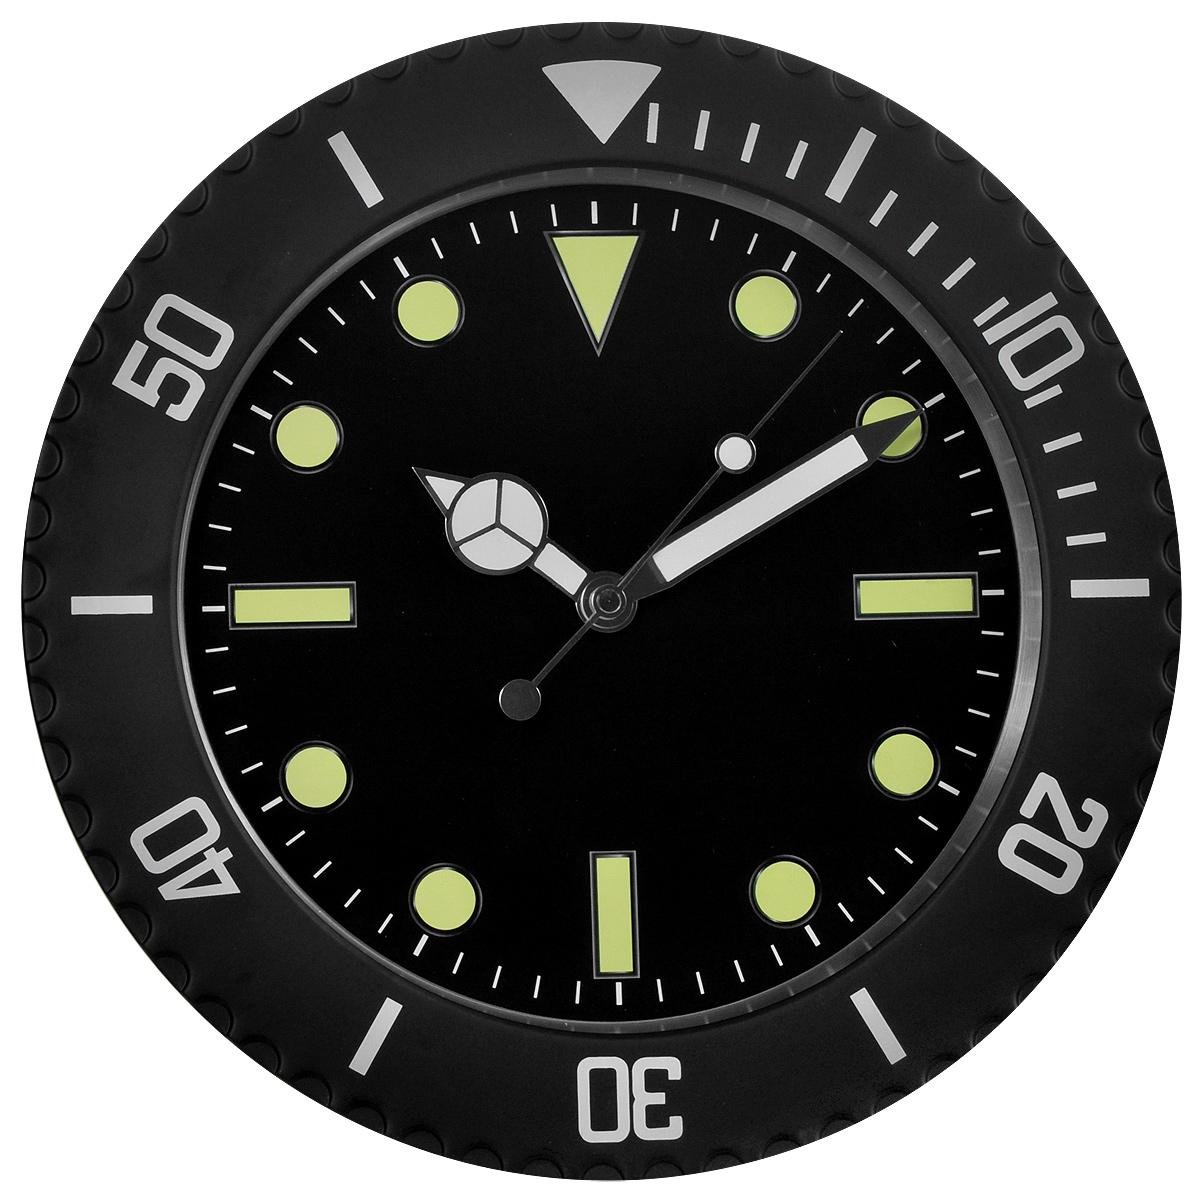 Часы настенные Командирские. 9550295502Оригинальные настенные часы Командирские круглой формы выполнены из металла и защищены стелом. Часы имеют три стрелки - часовую, минутную и секундную. На стрелках нанесен специальный состав, светящийся в темноте. Необычное дизайнерское решение и качество исполнения придутся по вкусу каждому. Оформите совой дом таким интерьерным аксессуаром или преподнесите его в качестве презента друзьям, и они оценят ваш оригинальный вкус и неординарность подарка.